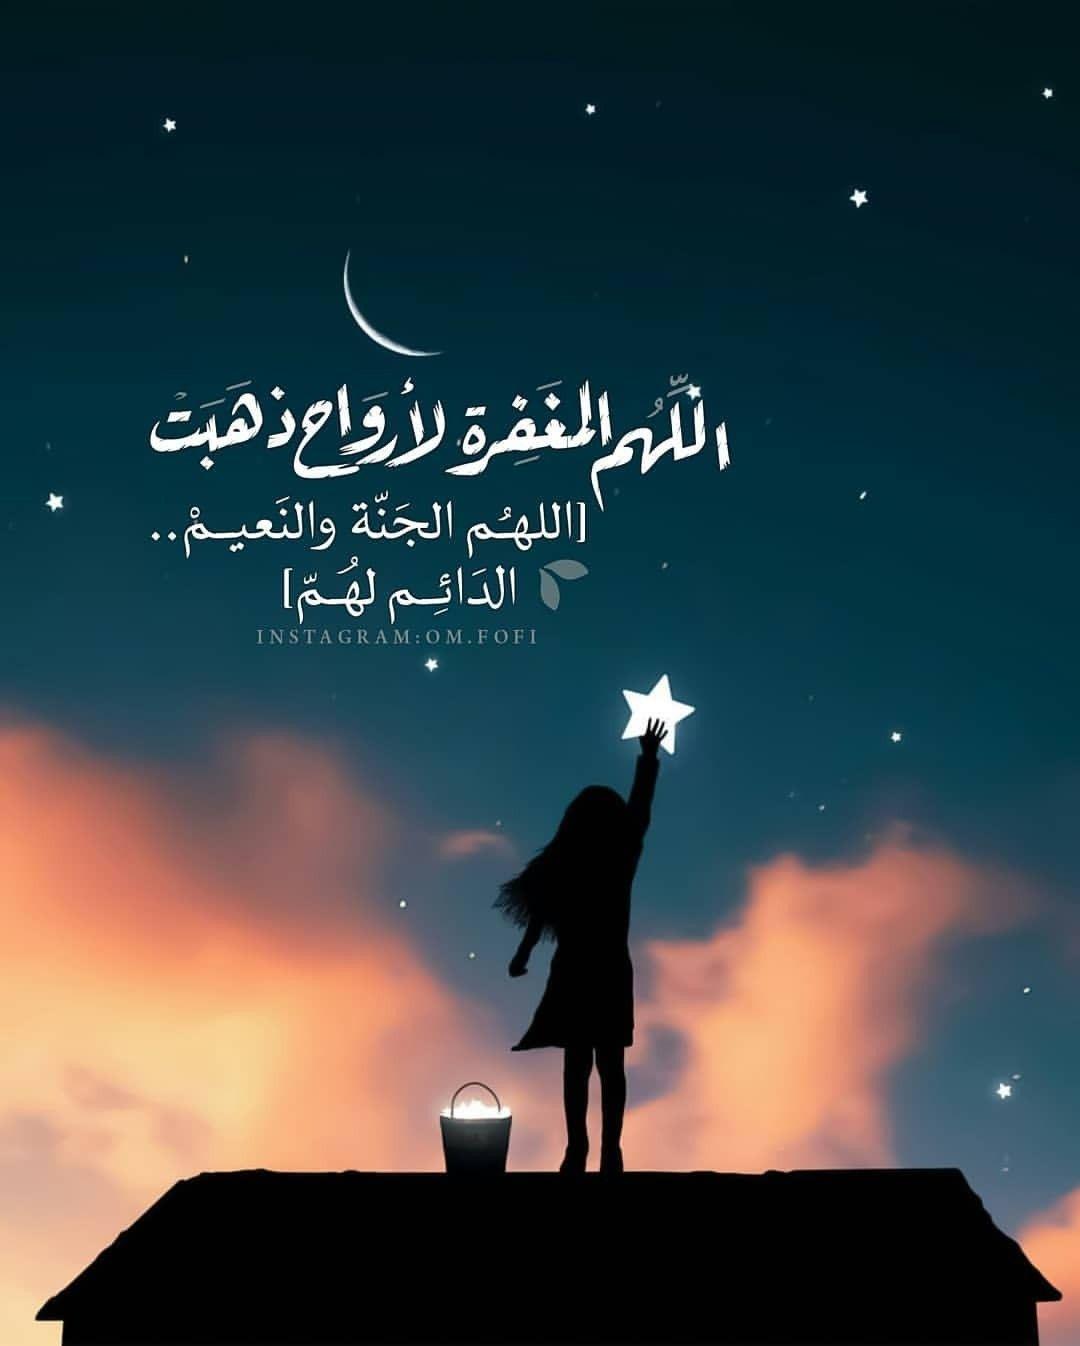 اللهم ارحم أمي وأبي ووالديهم واغفر لهم واعف عنهم واسكنهم فسيح جناتك Romantic Love Quotes Arabic Quotes Love Dad